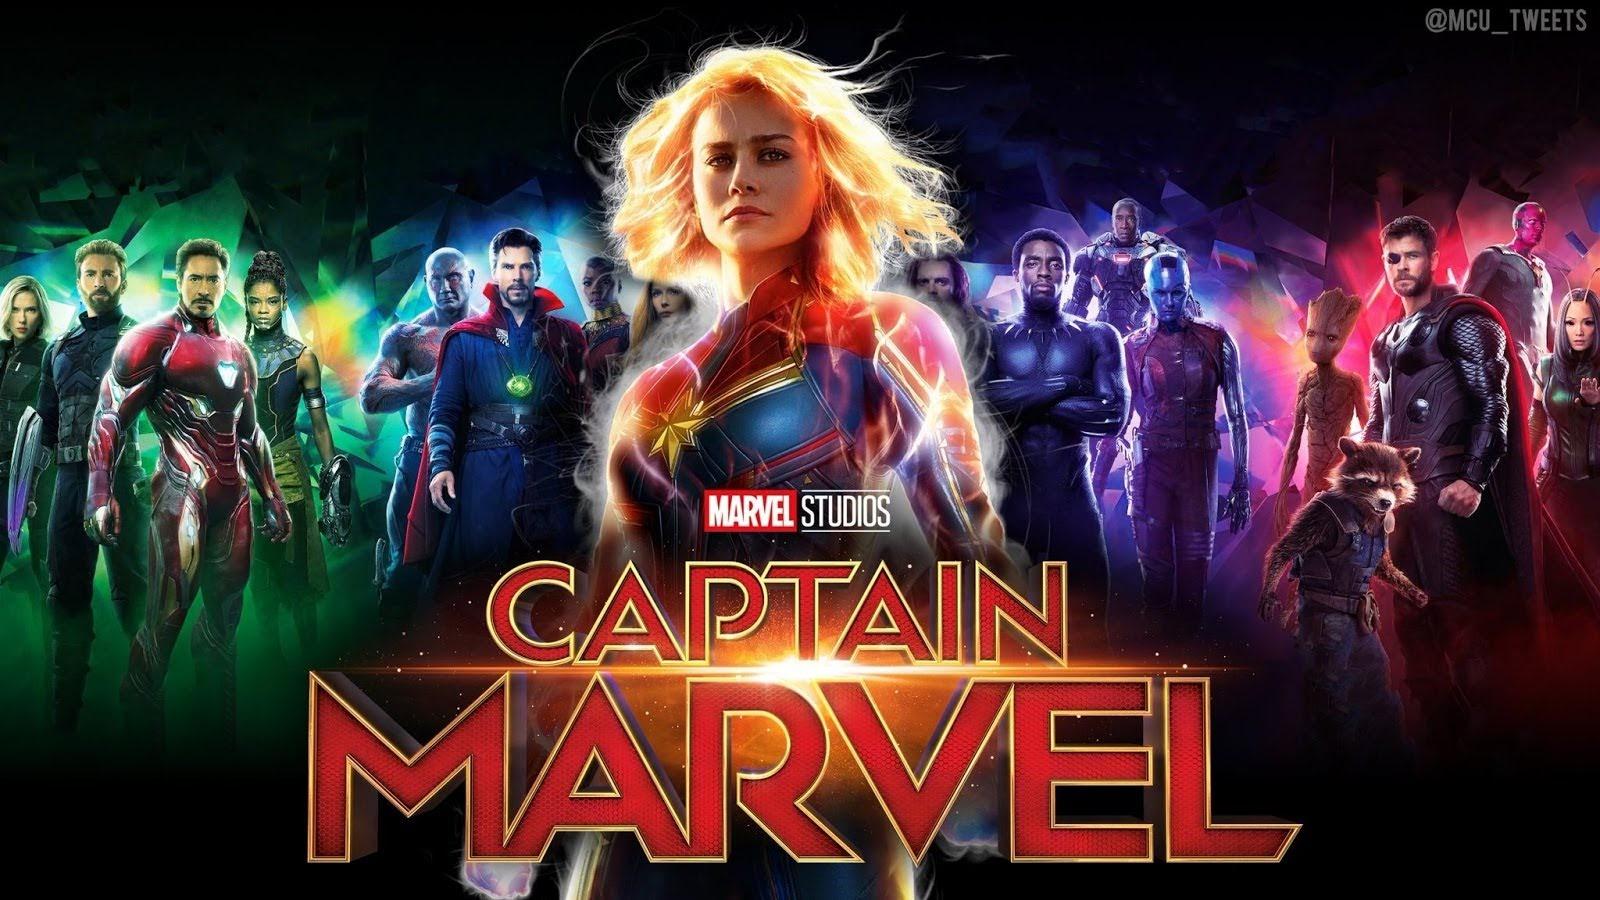 Capita Marvel Ocupara Uma Posicao De Frente No Ucm E Abrira Espaco